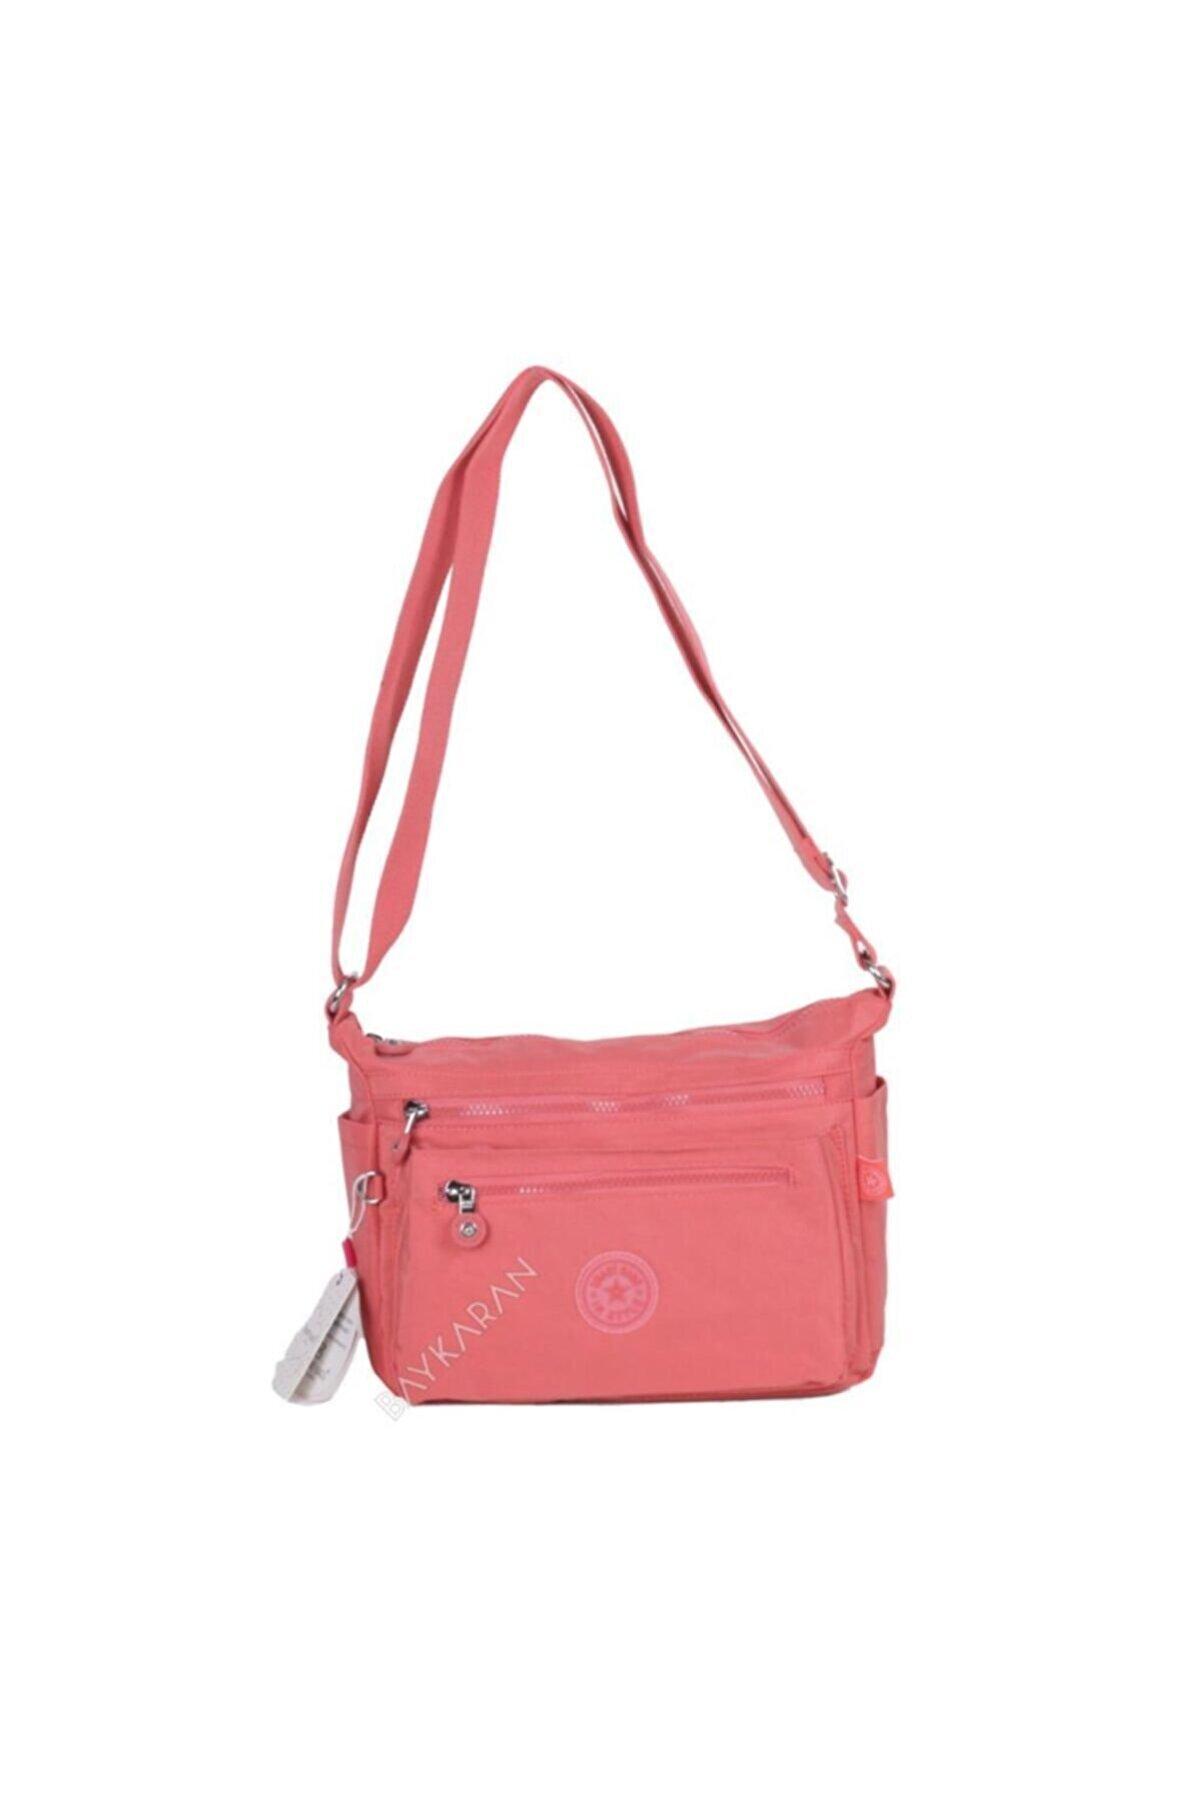 Smart Bags 1238 Omuz Postacı Kadın Çantası 73 Somon